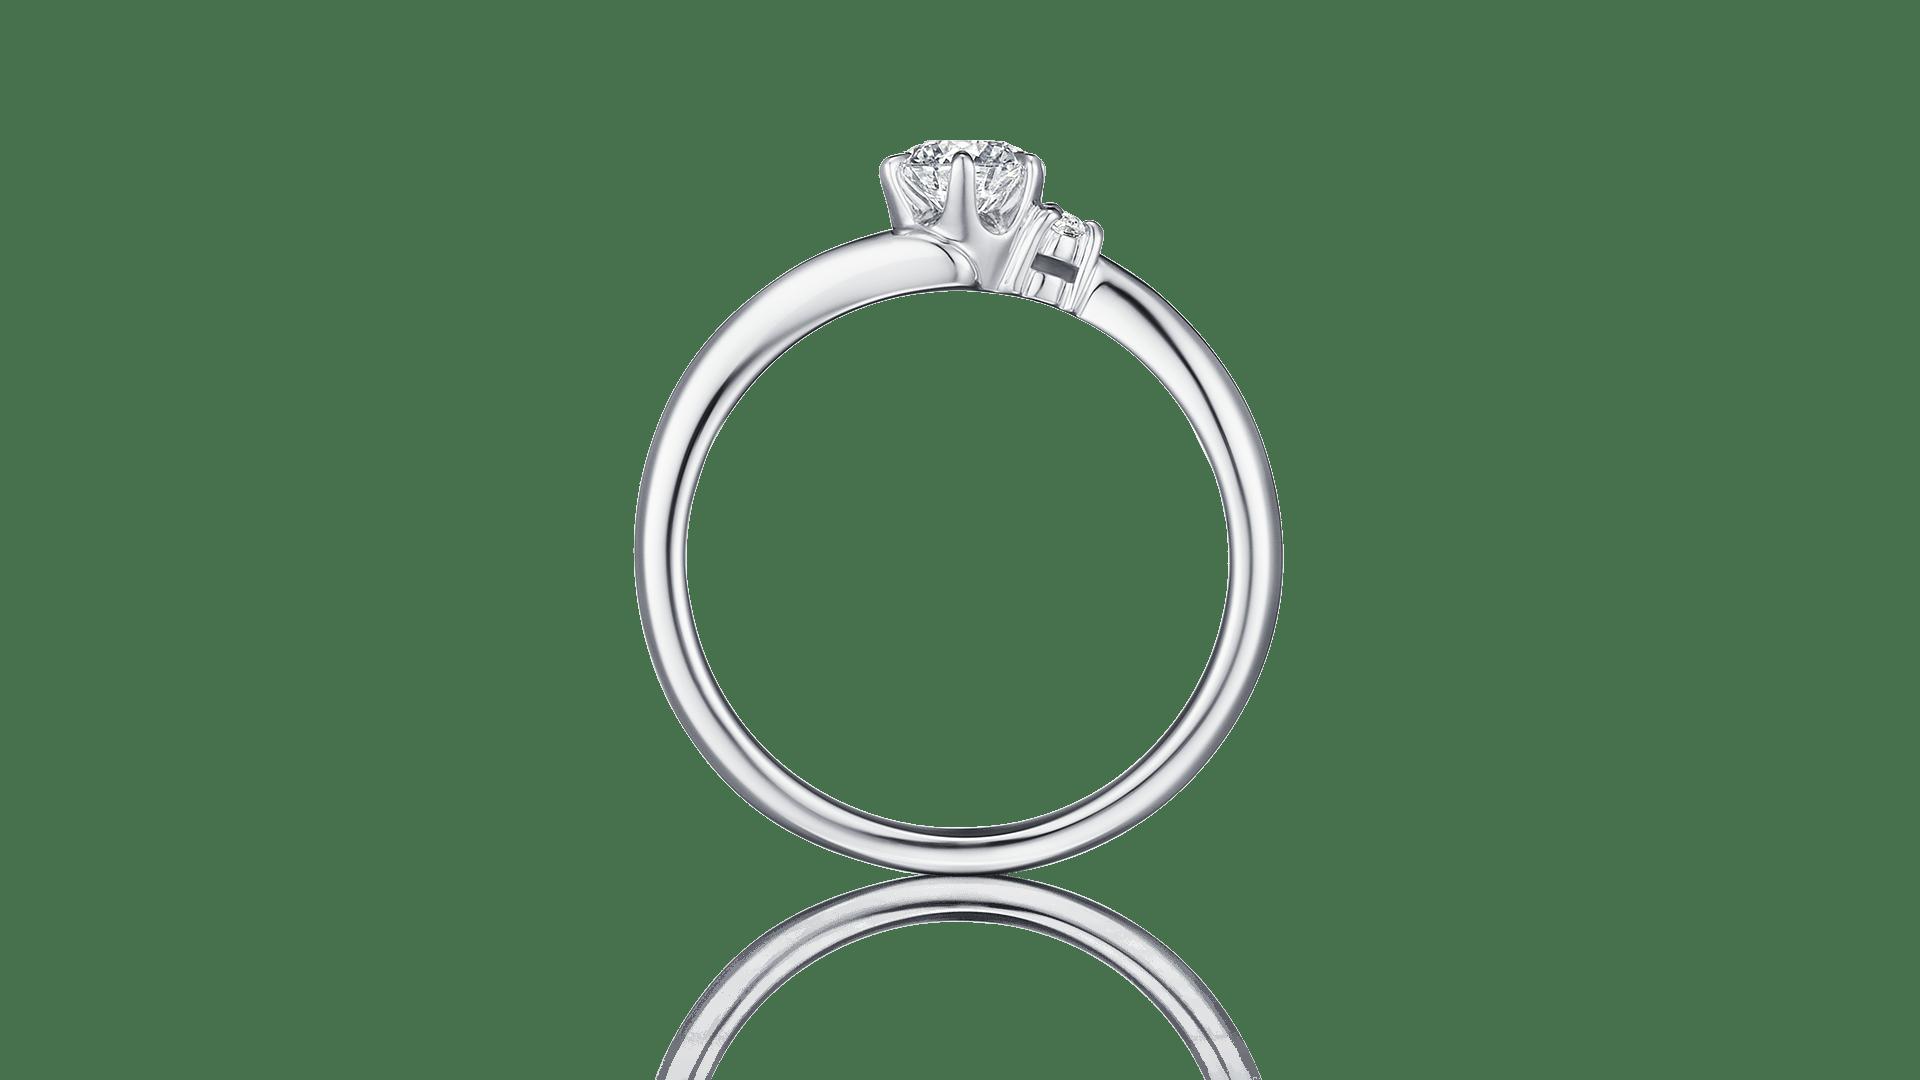 alphera アルフェラ | 婚約指輪サムネイル 2